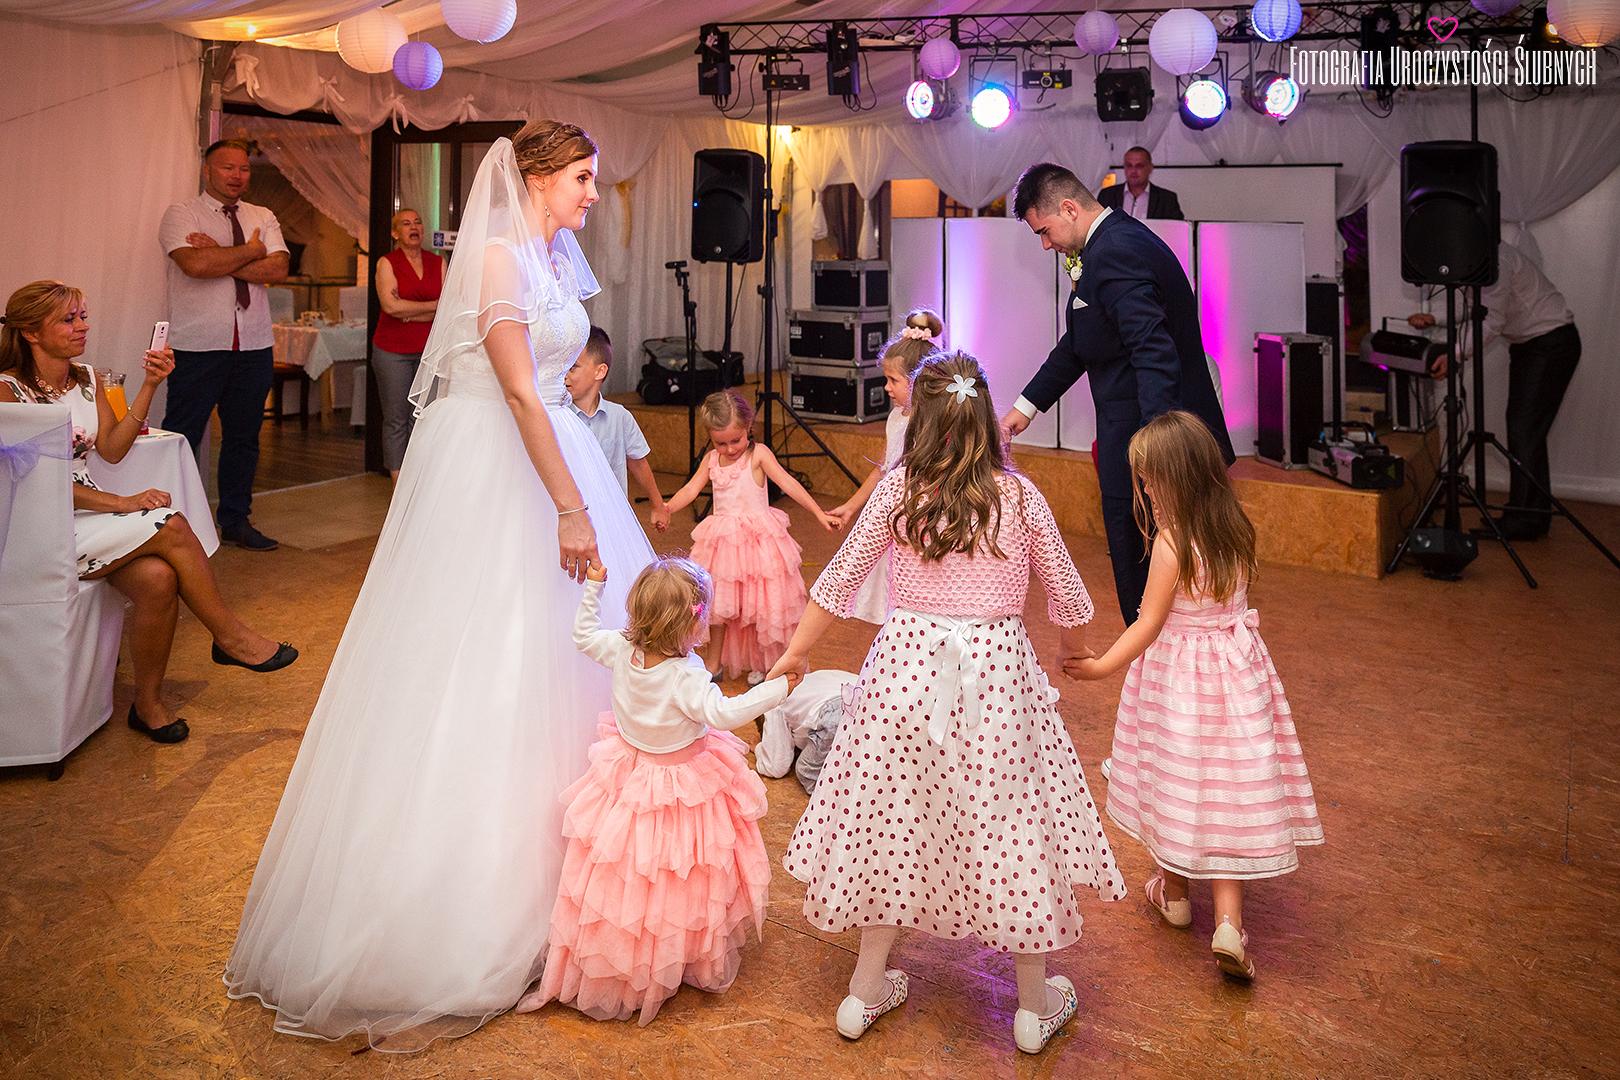 Artystyczna fotografia ślubna - Wesele Lubawka zdjęcia ślubne, sesje narzeczeńskie. Zapraszam do obejrzenia fotorelacji ze ślubu Aldony i Dymitra.